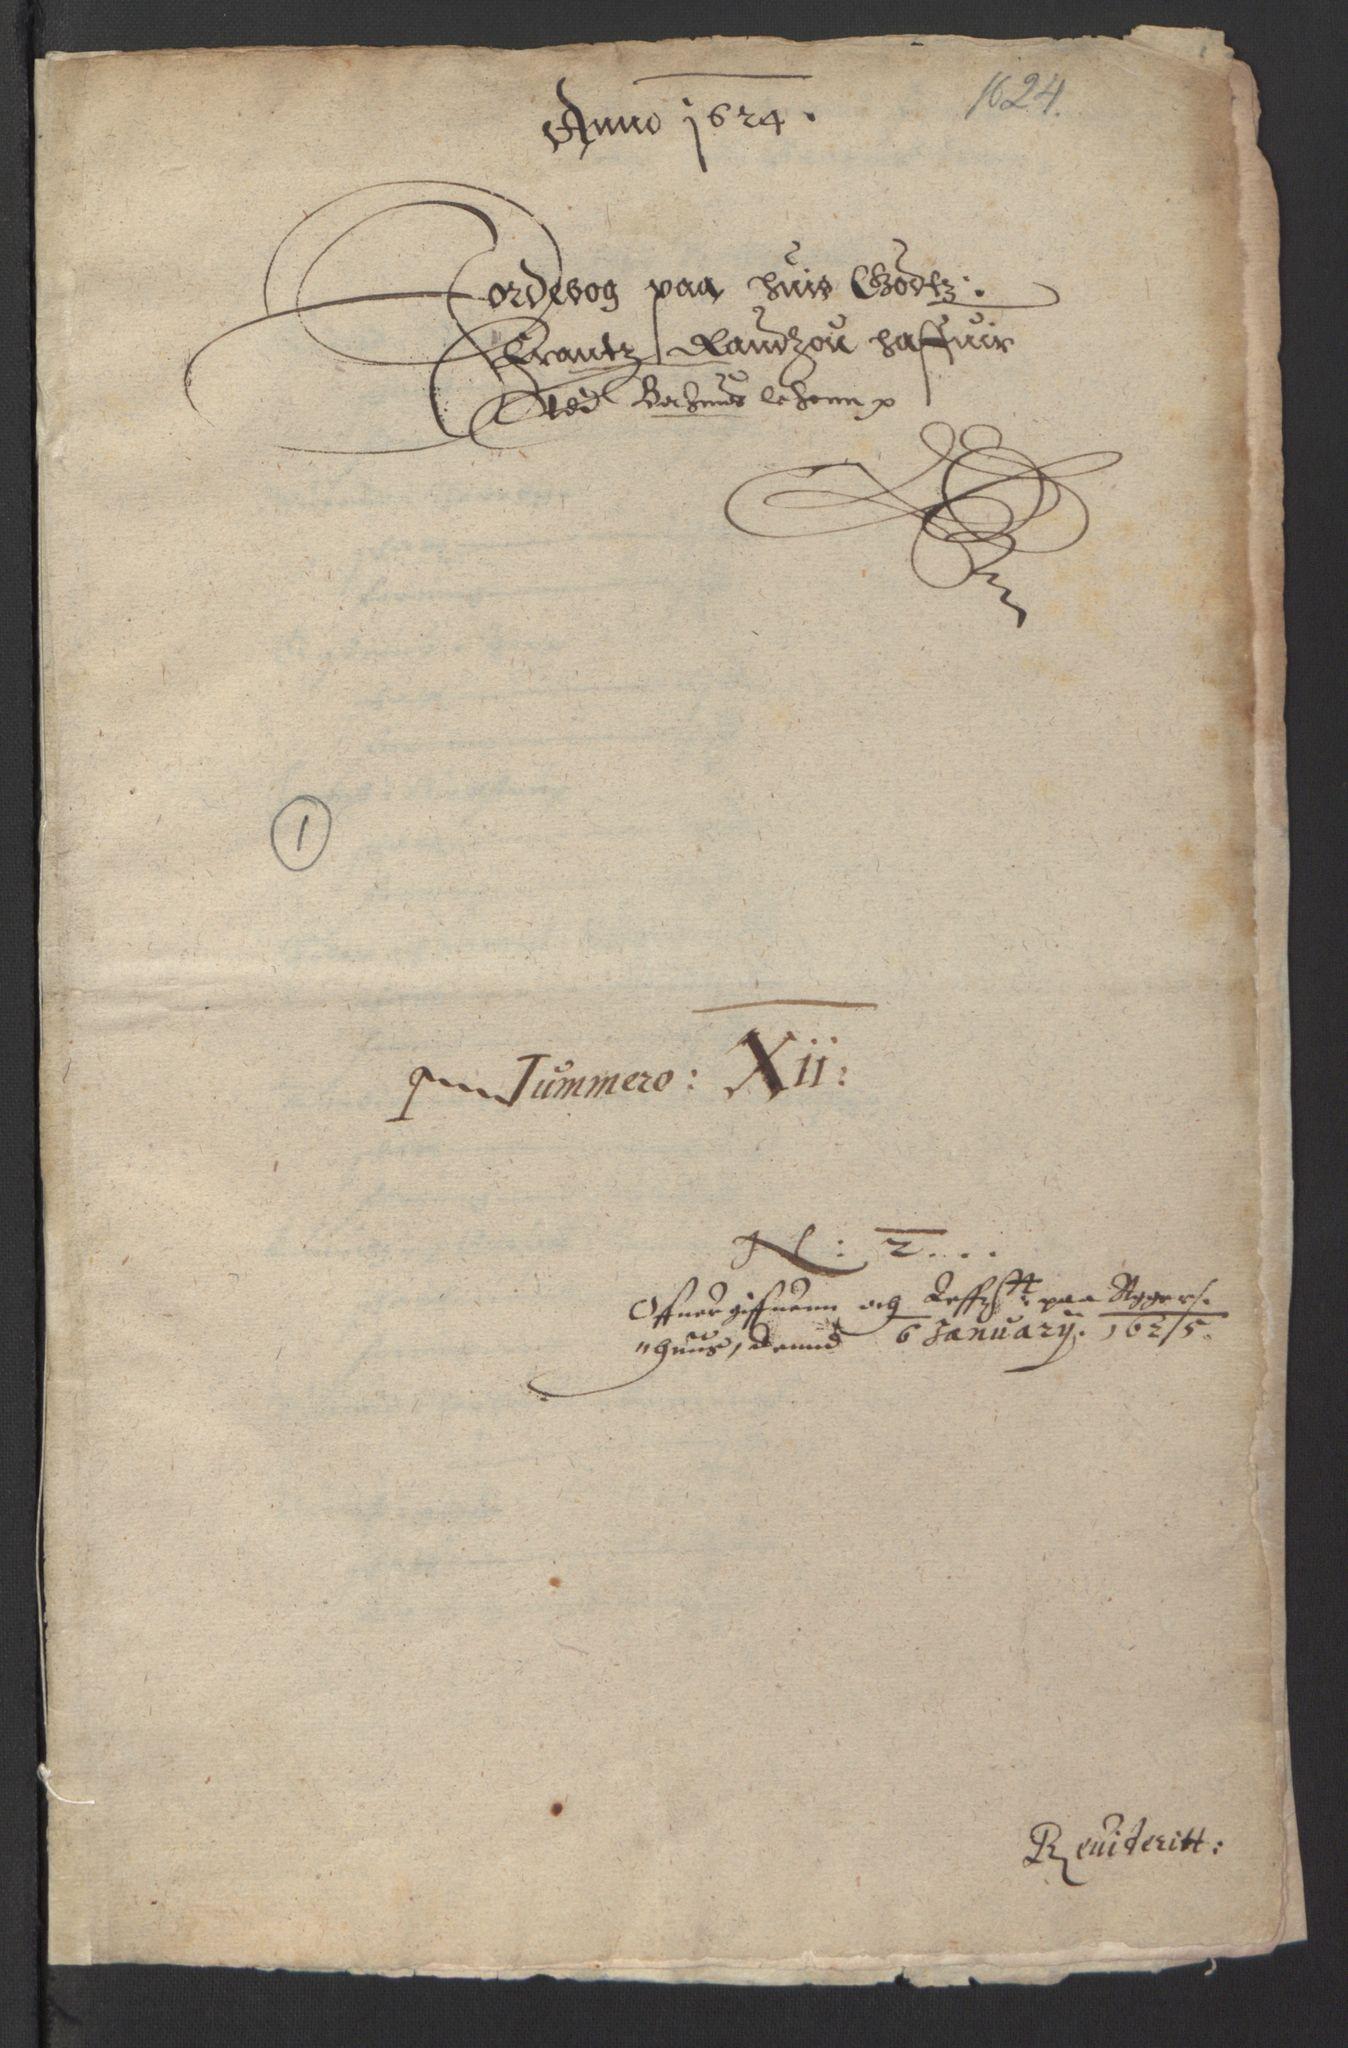 RA, Stattholderembetet 1572-1771, Ek/L0007: Jordebøker til utlikning av rosstjeneste 1624-1626:, 1624-1625, s. 293